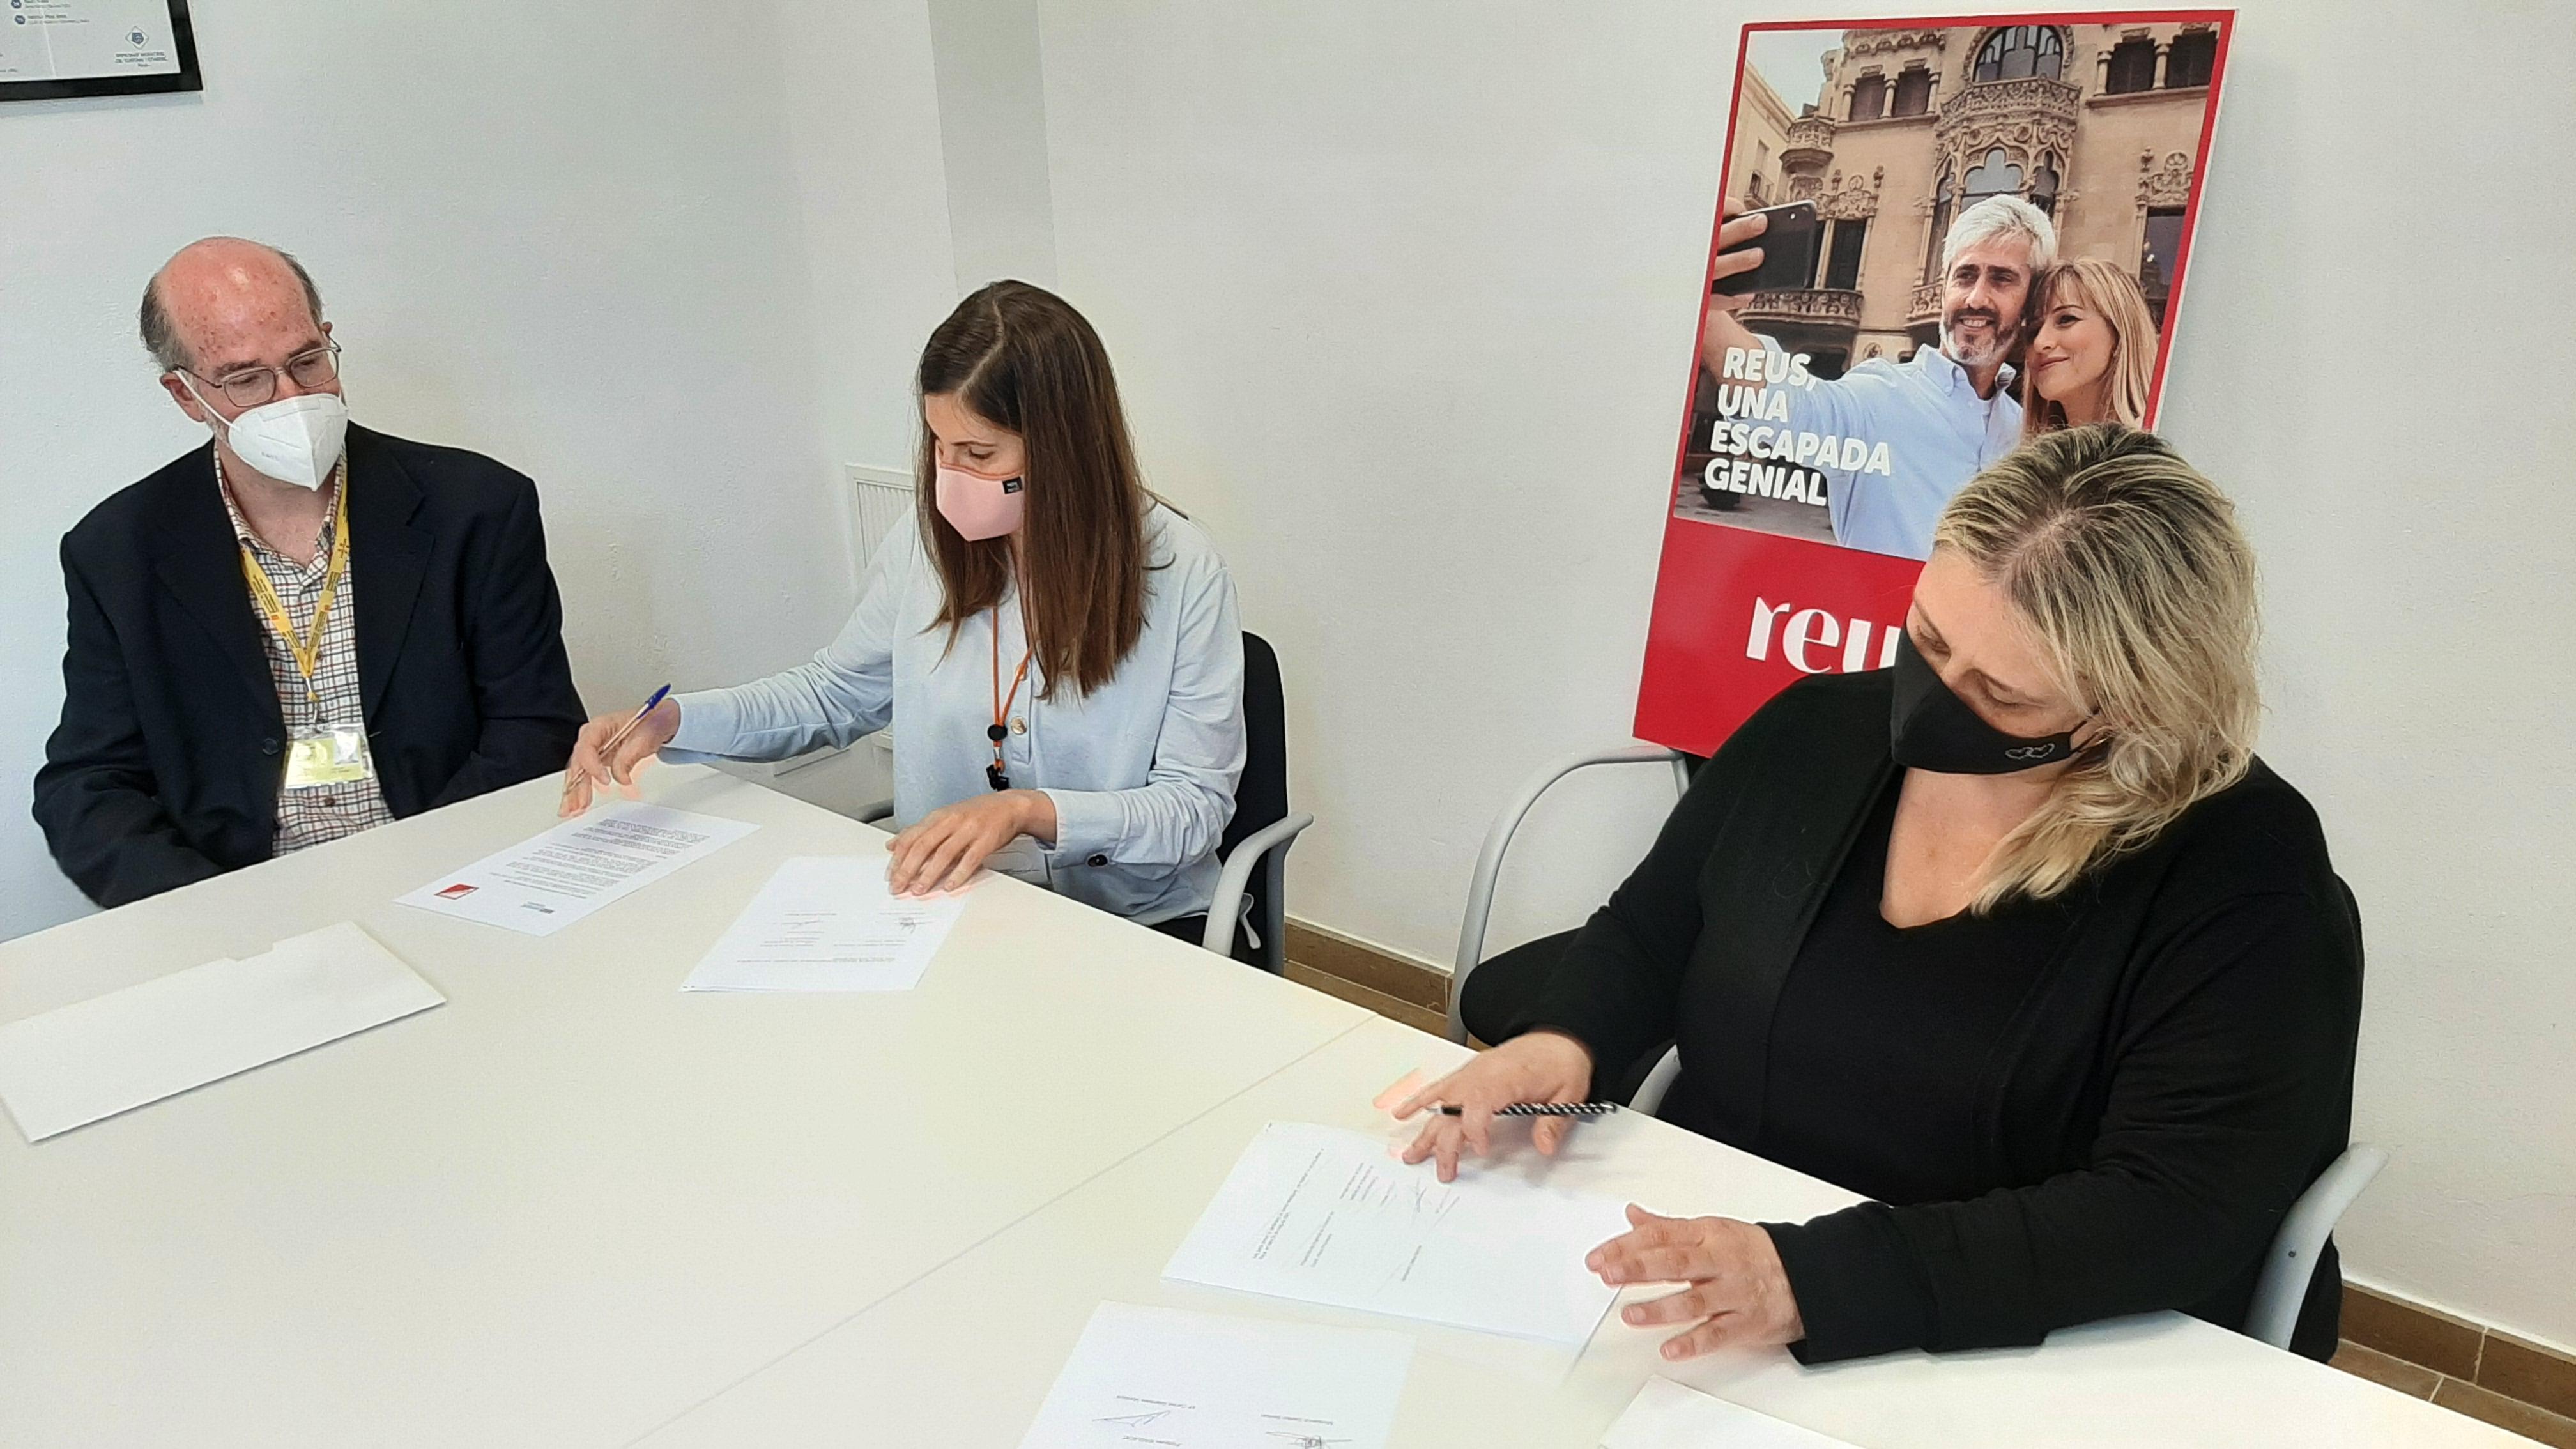 Aquest dimarts 25 de maig, l'Agència de Promoció de Ciutat de Reus ha mostrat el seu suport a l'Associació de Guies Habilitats per l...